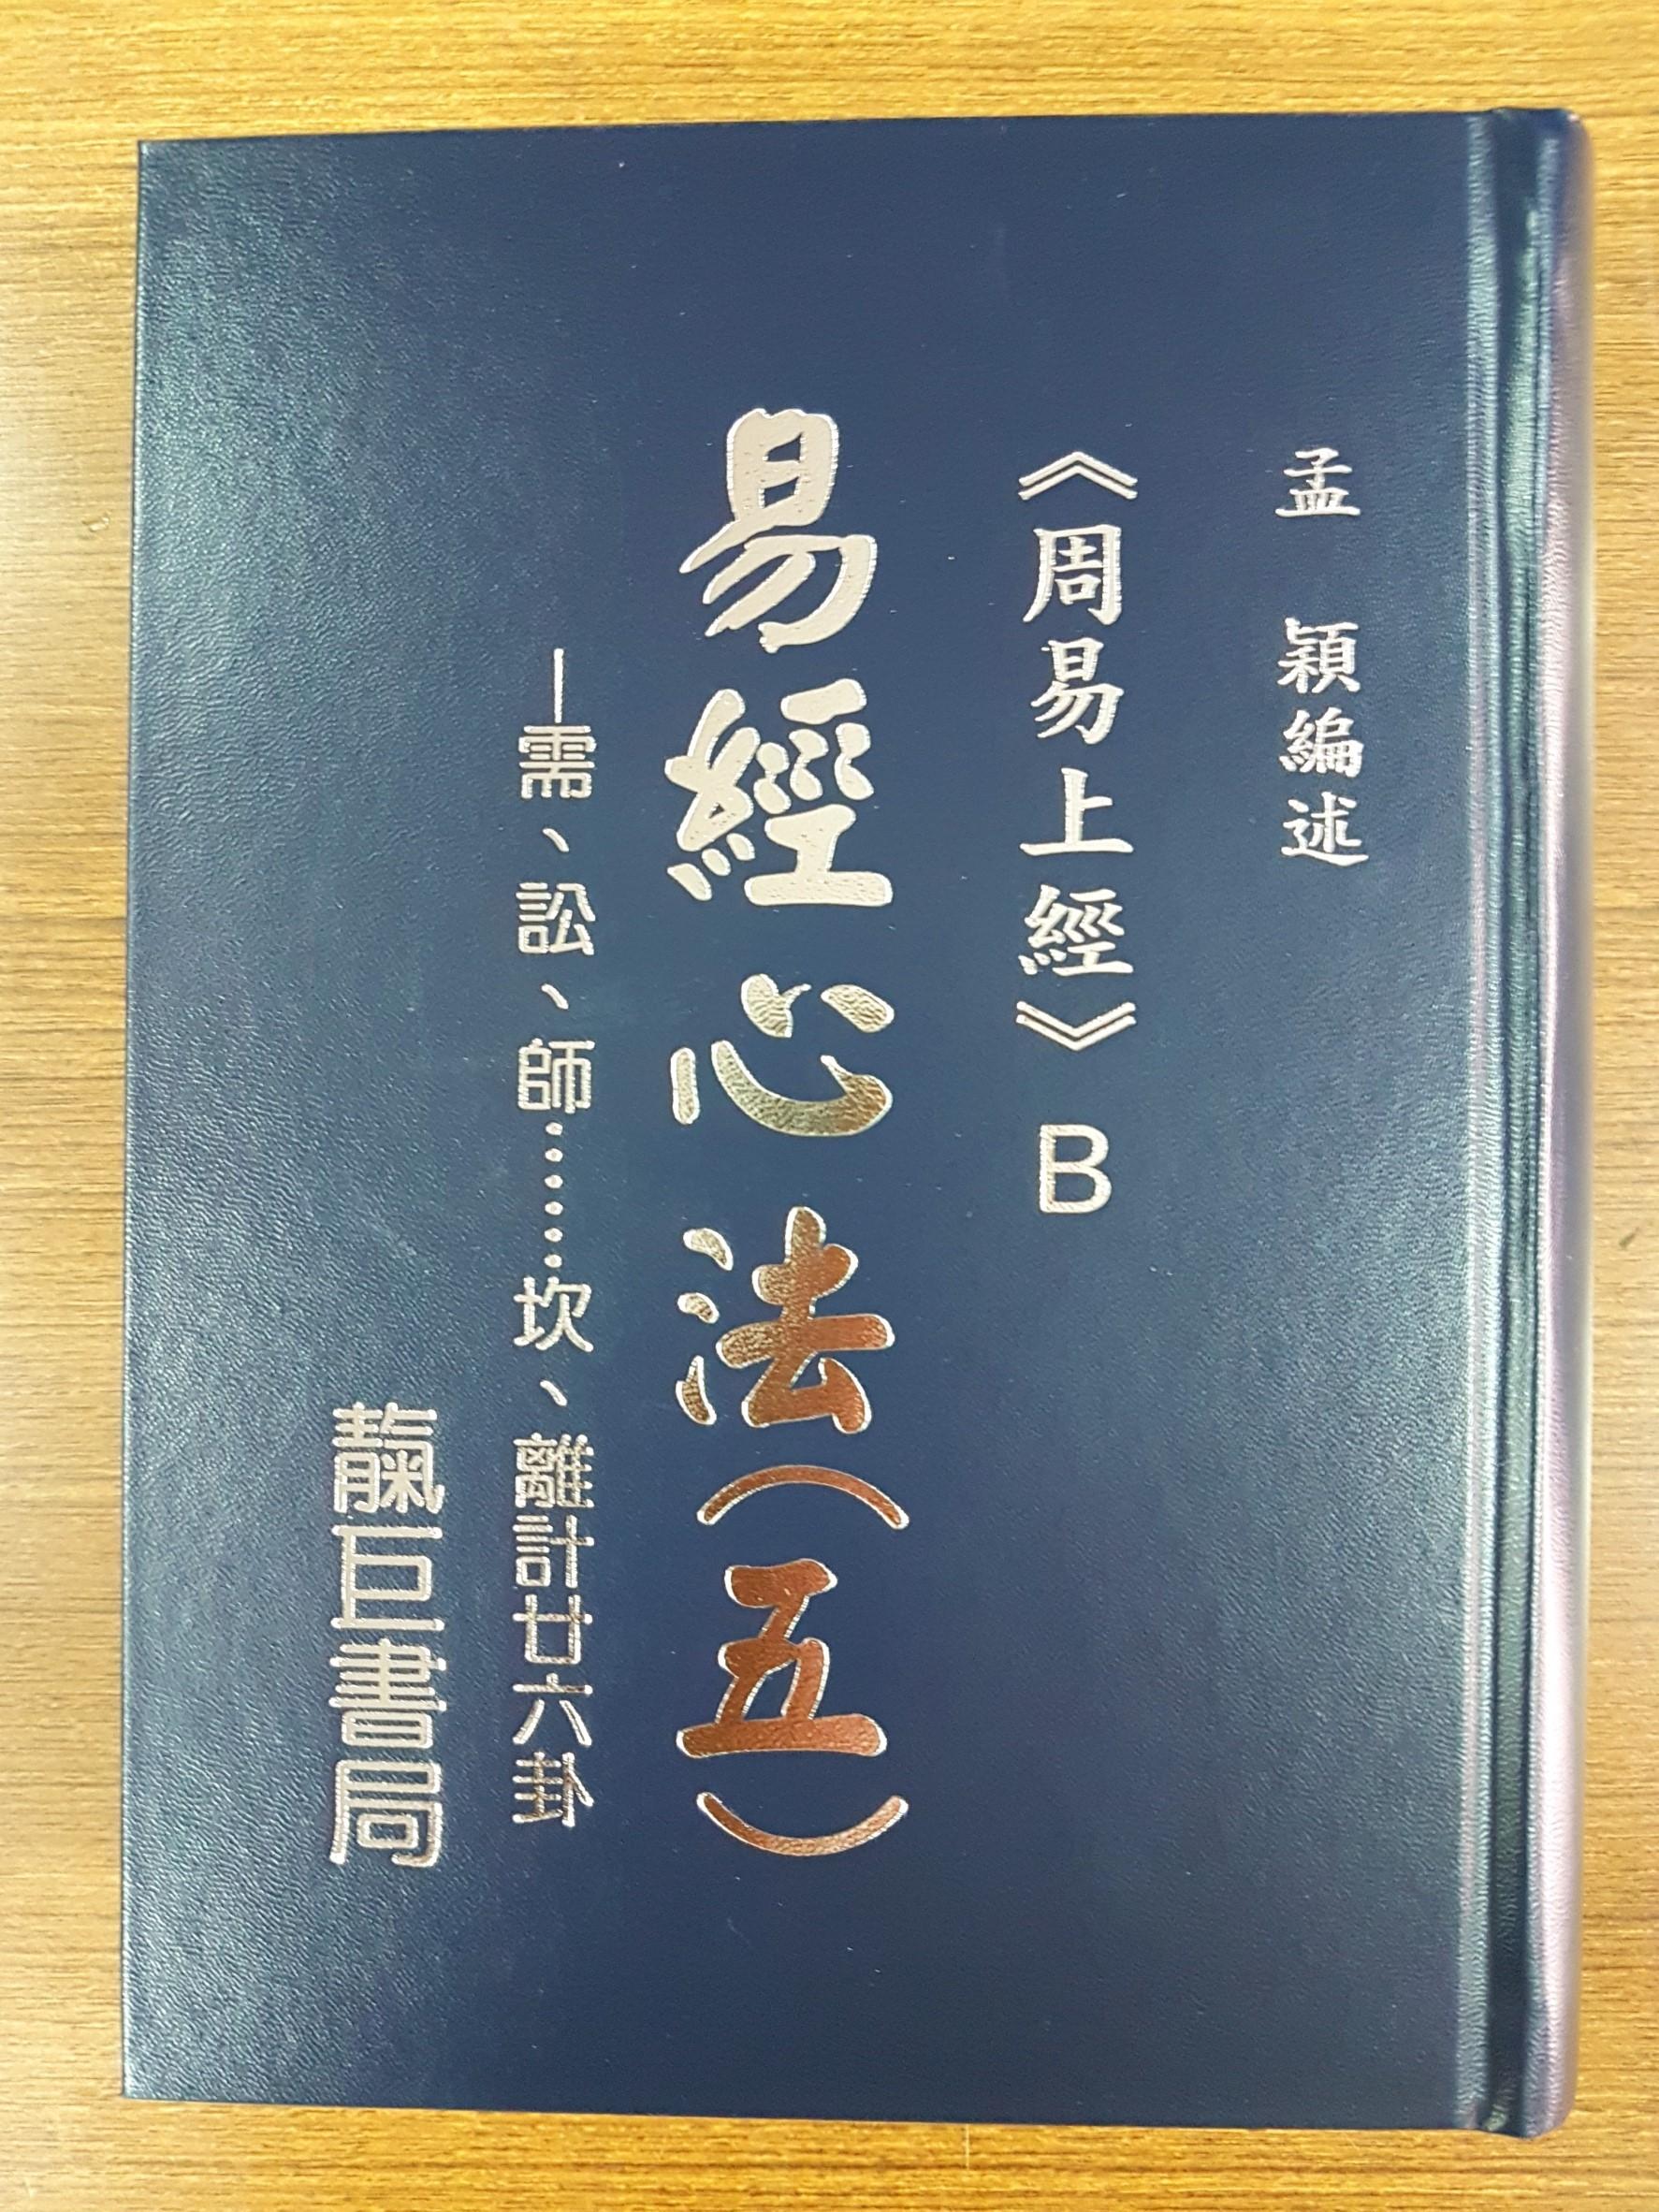 易經心法(5)〈周易上經的妙諦 B〉 (K25)